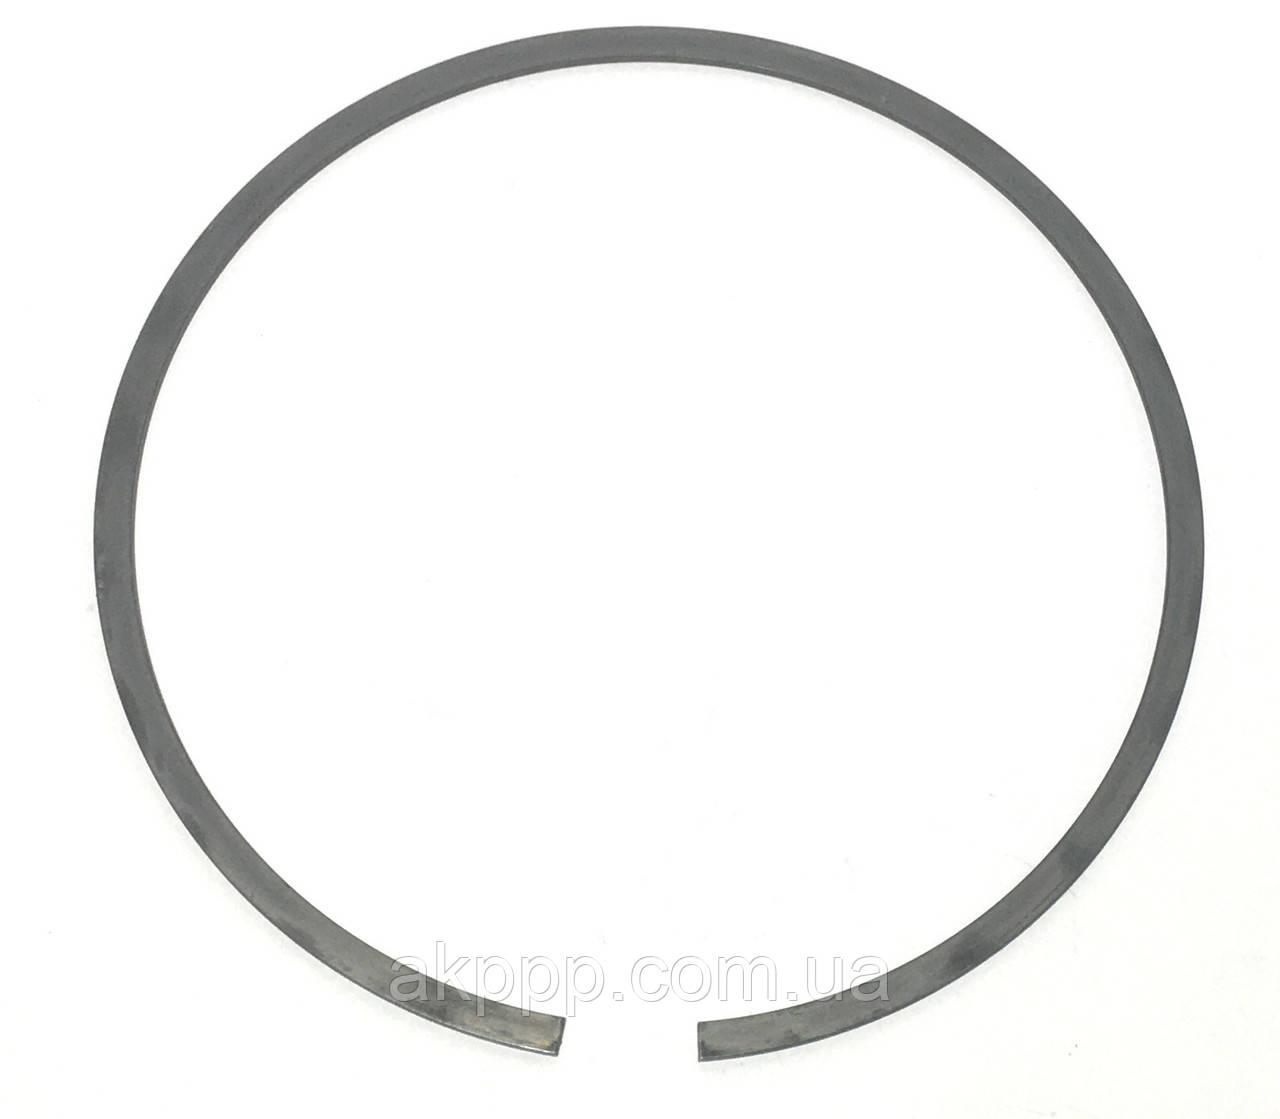 Стопорное кольцо акпп VT1/VT2 2 мм, снято с новой коробки